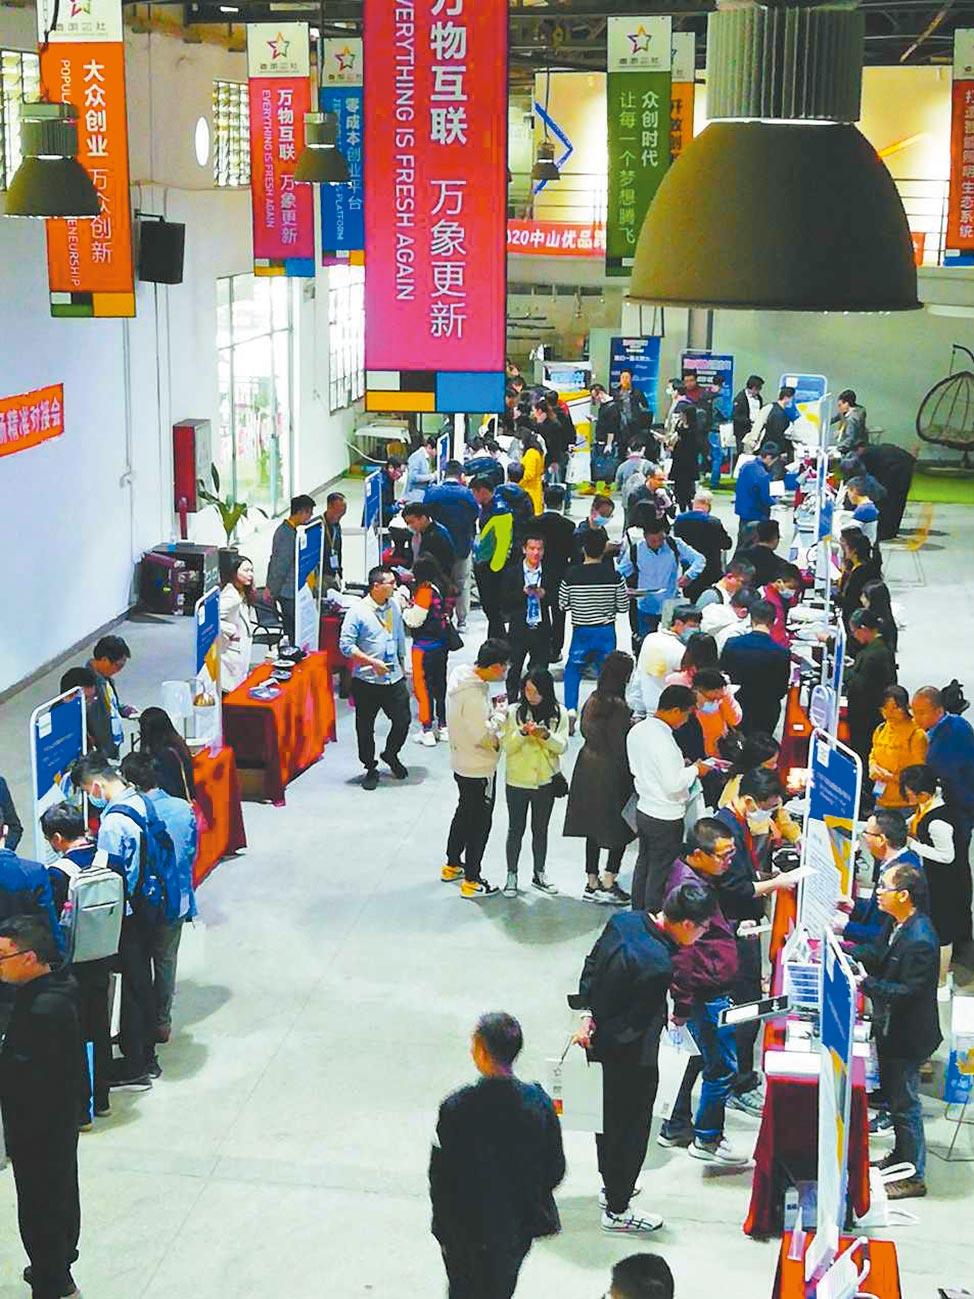 首屆「跨境電商選品會照明燈具專場對接會」現場。 (柯頌攝)